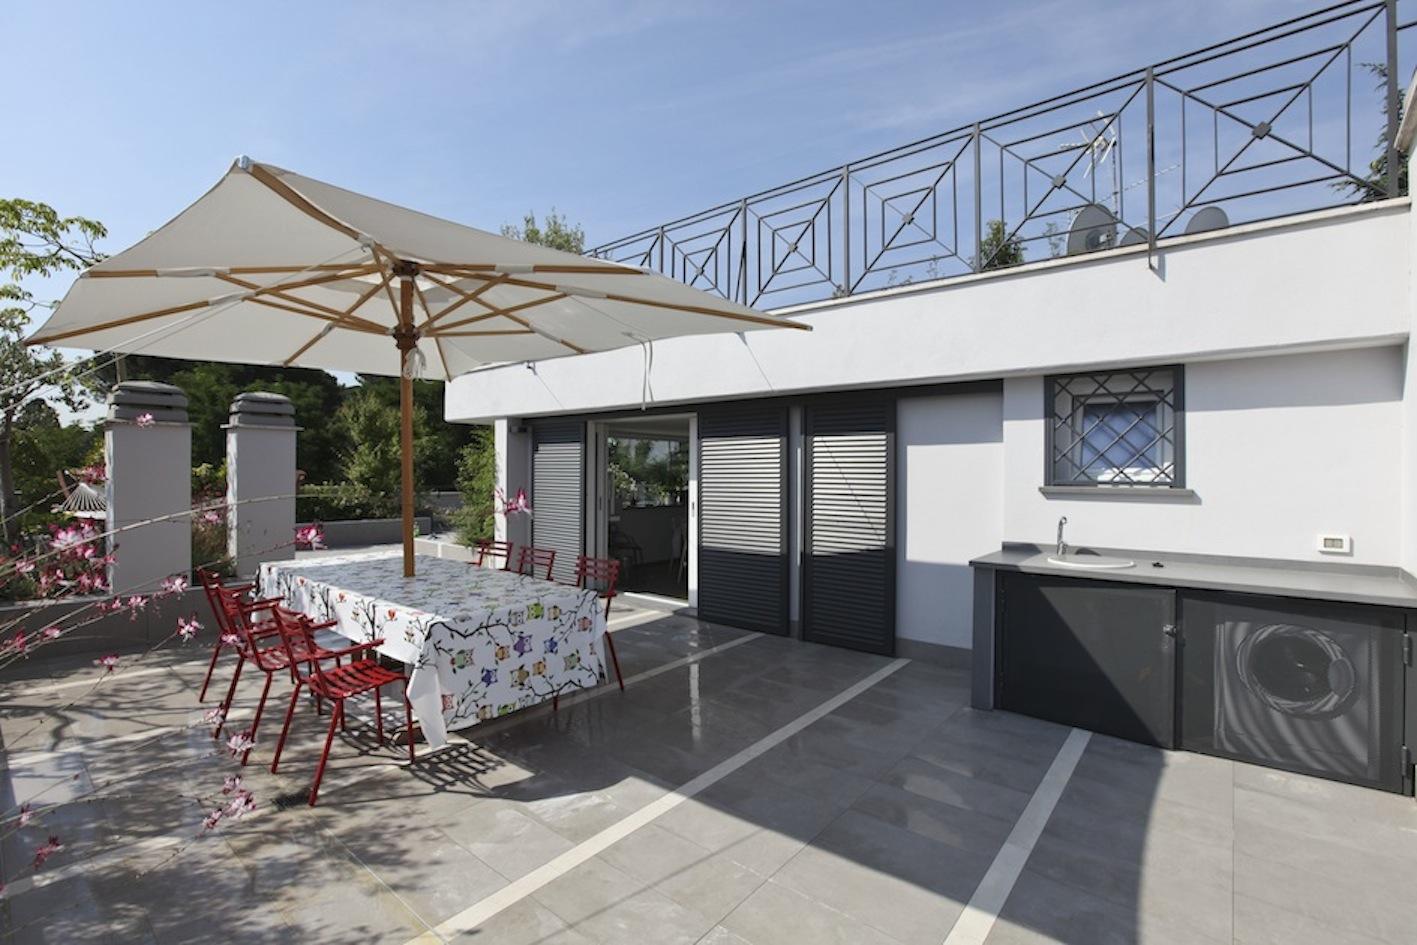 Raffaello sky casa in affitto maria laura berlinguer for Case affitto